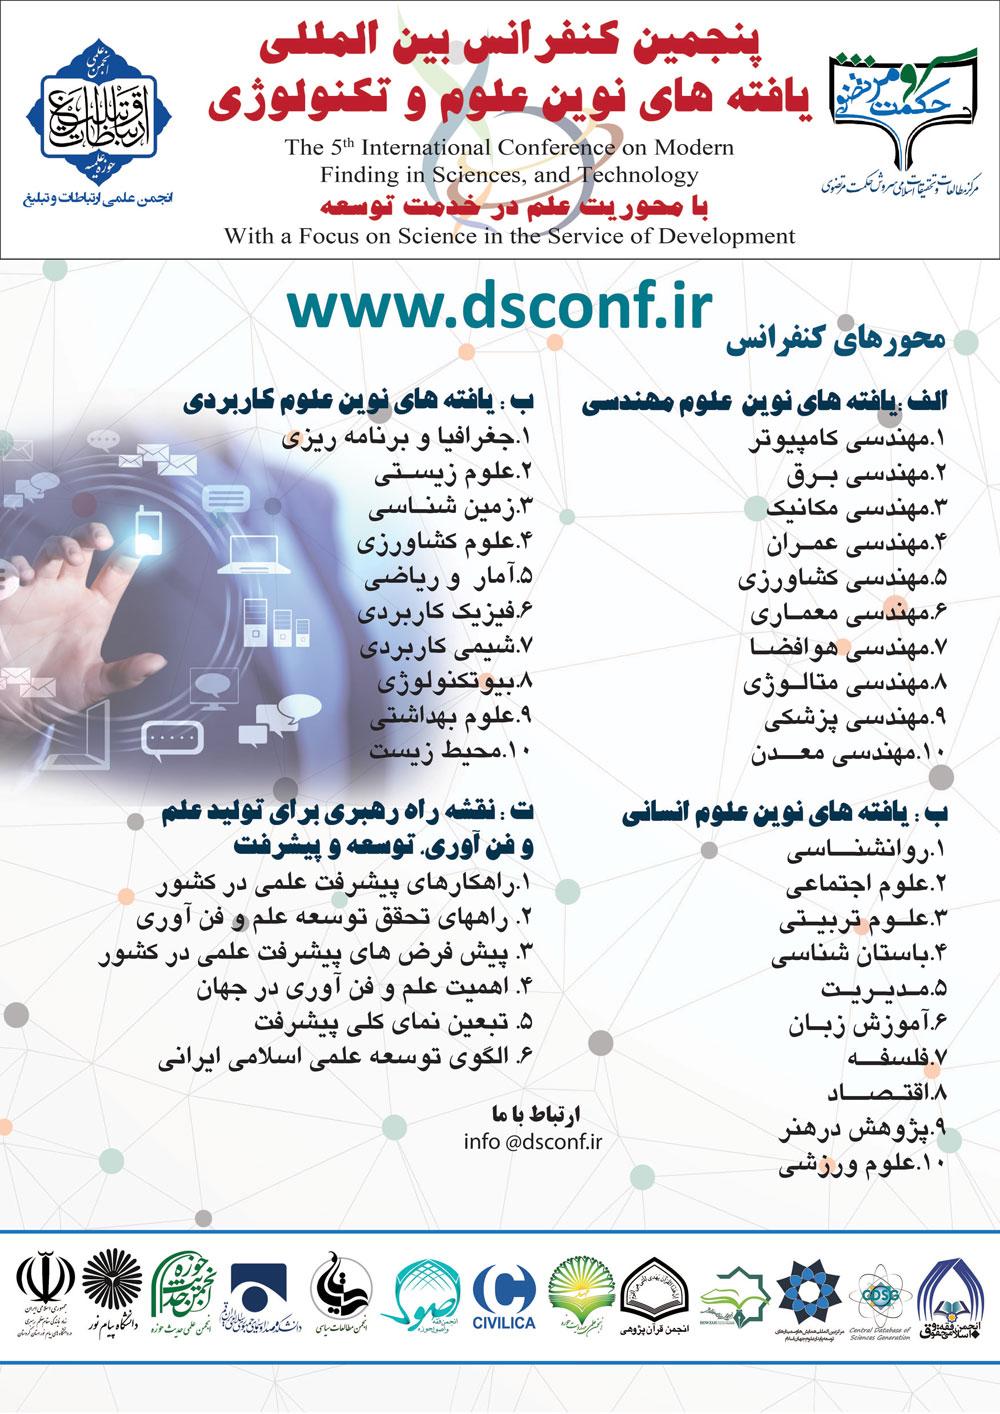 پنجمین کنفرانس بین المللی یافته های نوین علوم و تکنولوژی